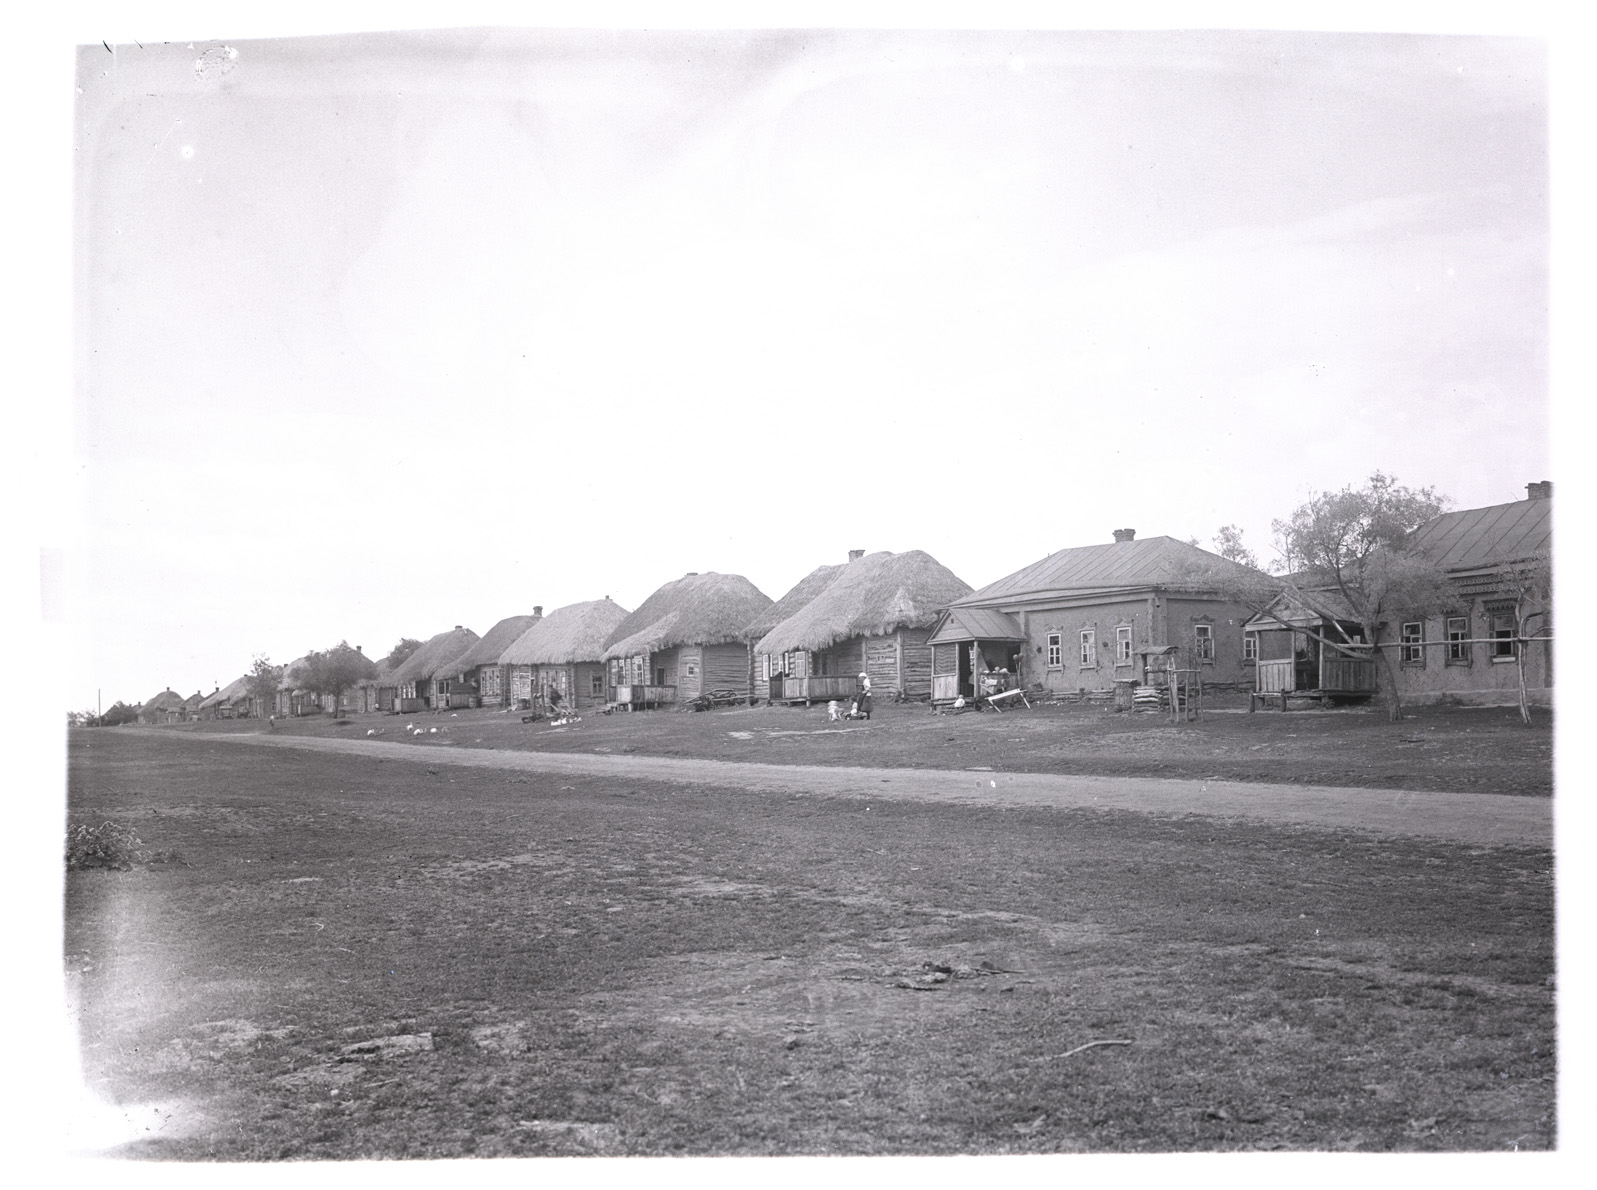 Село Лермонтово. Улица Бугор. Фотография В.Г. Чудинова. 1938 г.